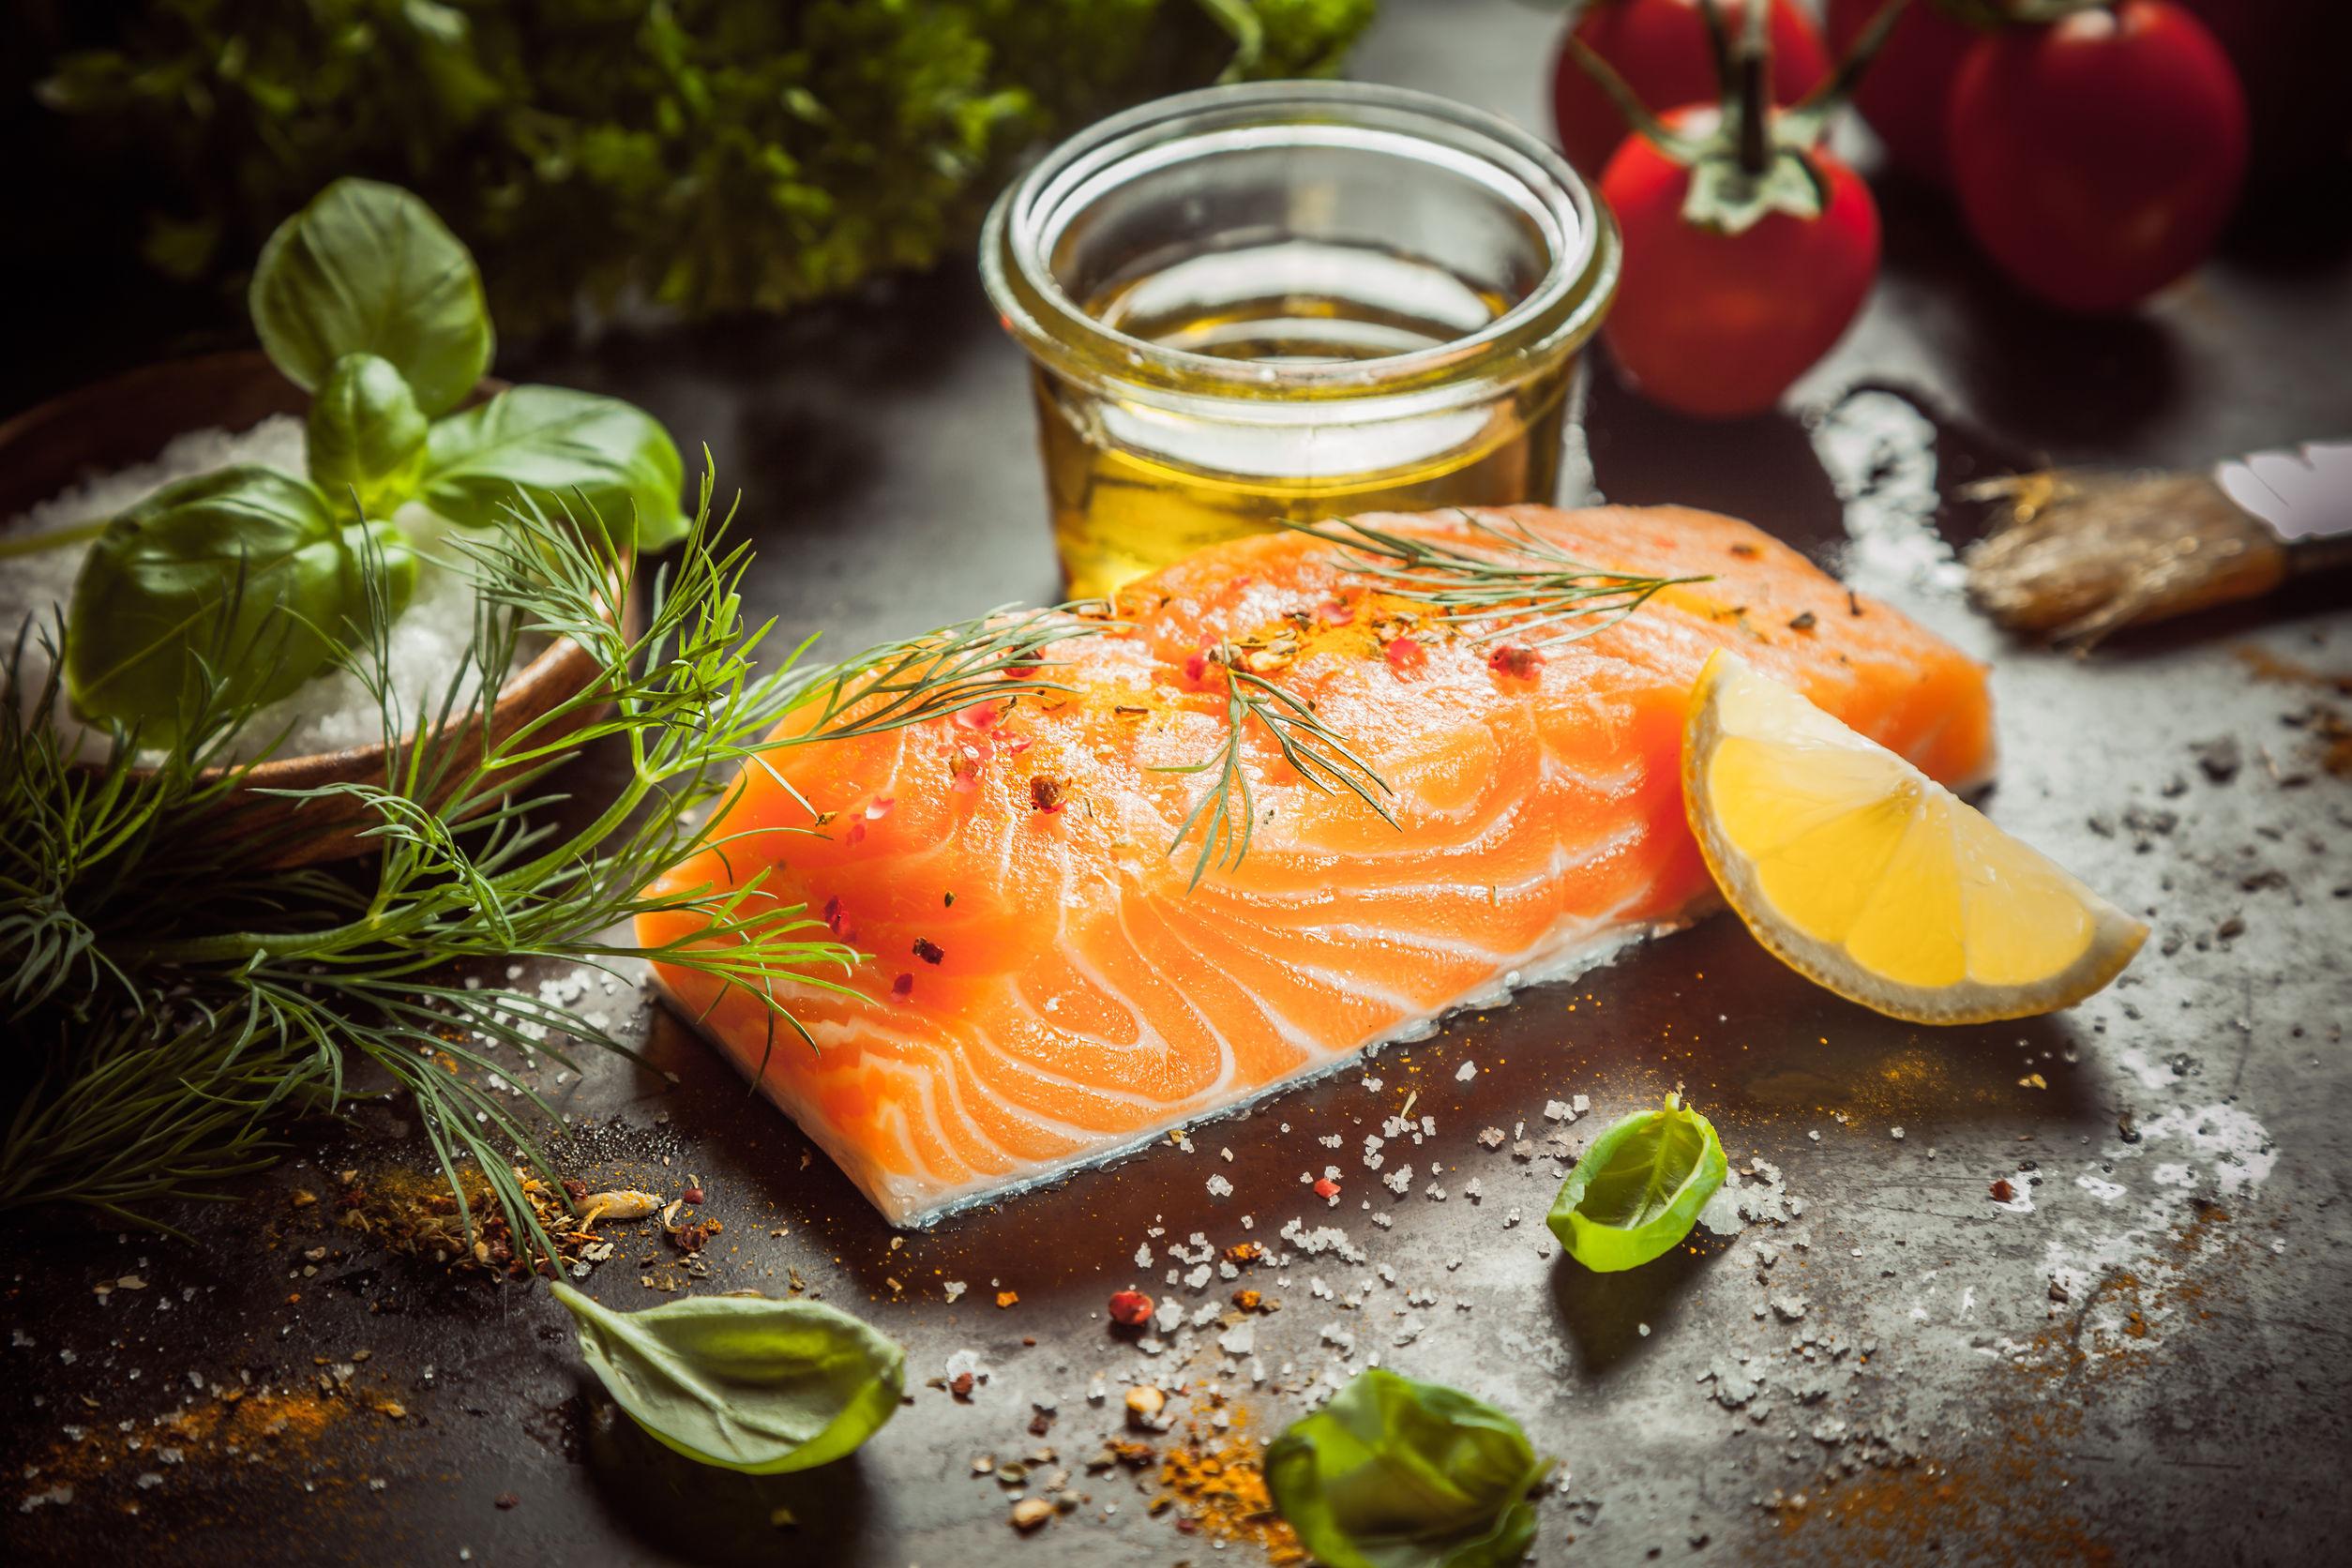 Una comida gourmet de salmón con un espeso filete de pescado suculento, aceite de oliva, hierbas, condimentos y condimentos en una encimera de cocina